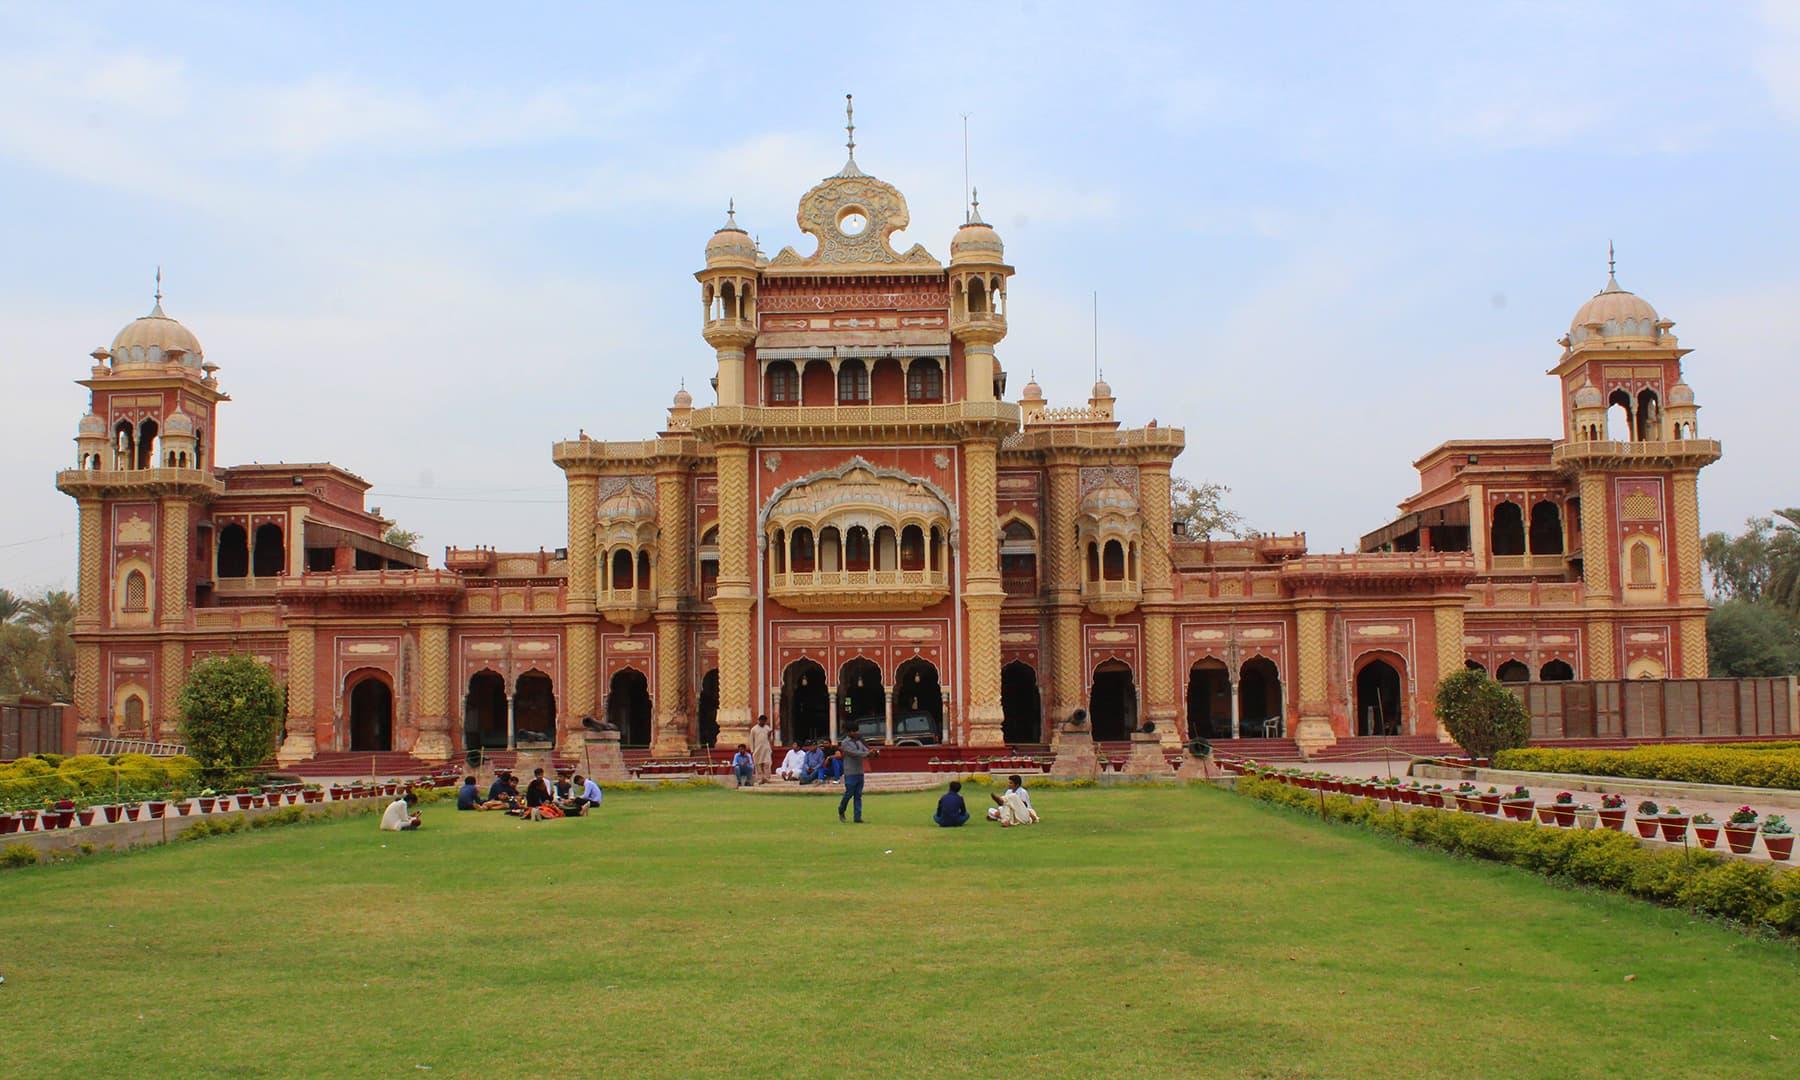 خیرپور میں واقع فیض محل کا خوبصورت منظر—تصویر اختر حفیظ